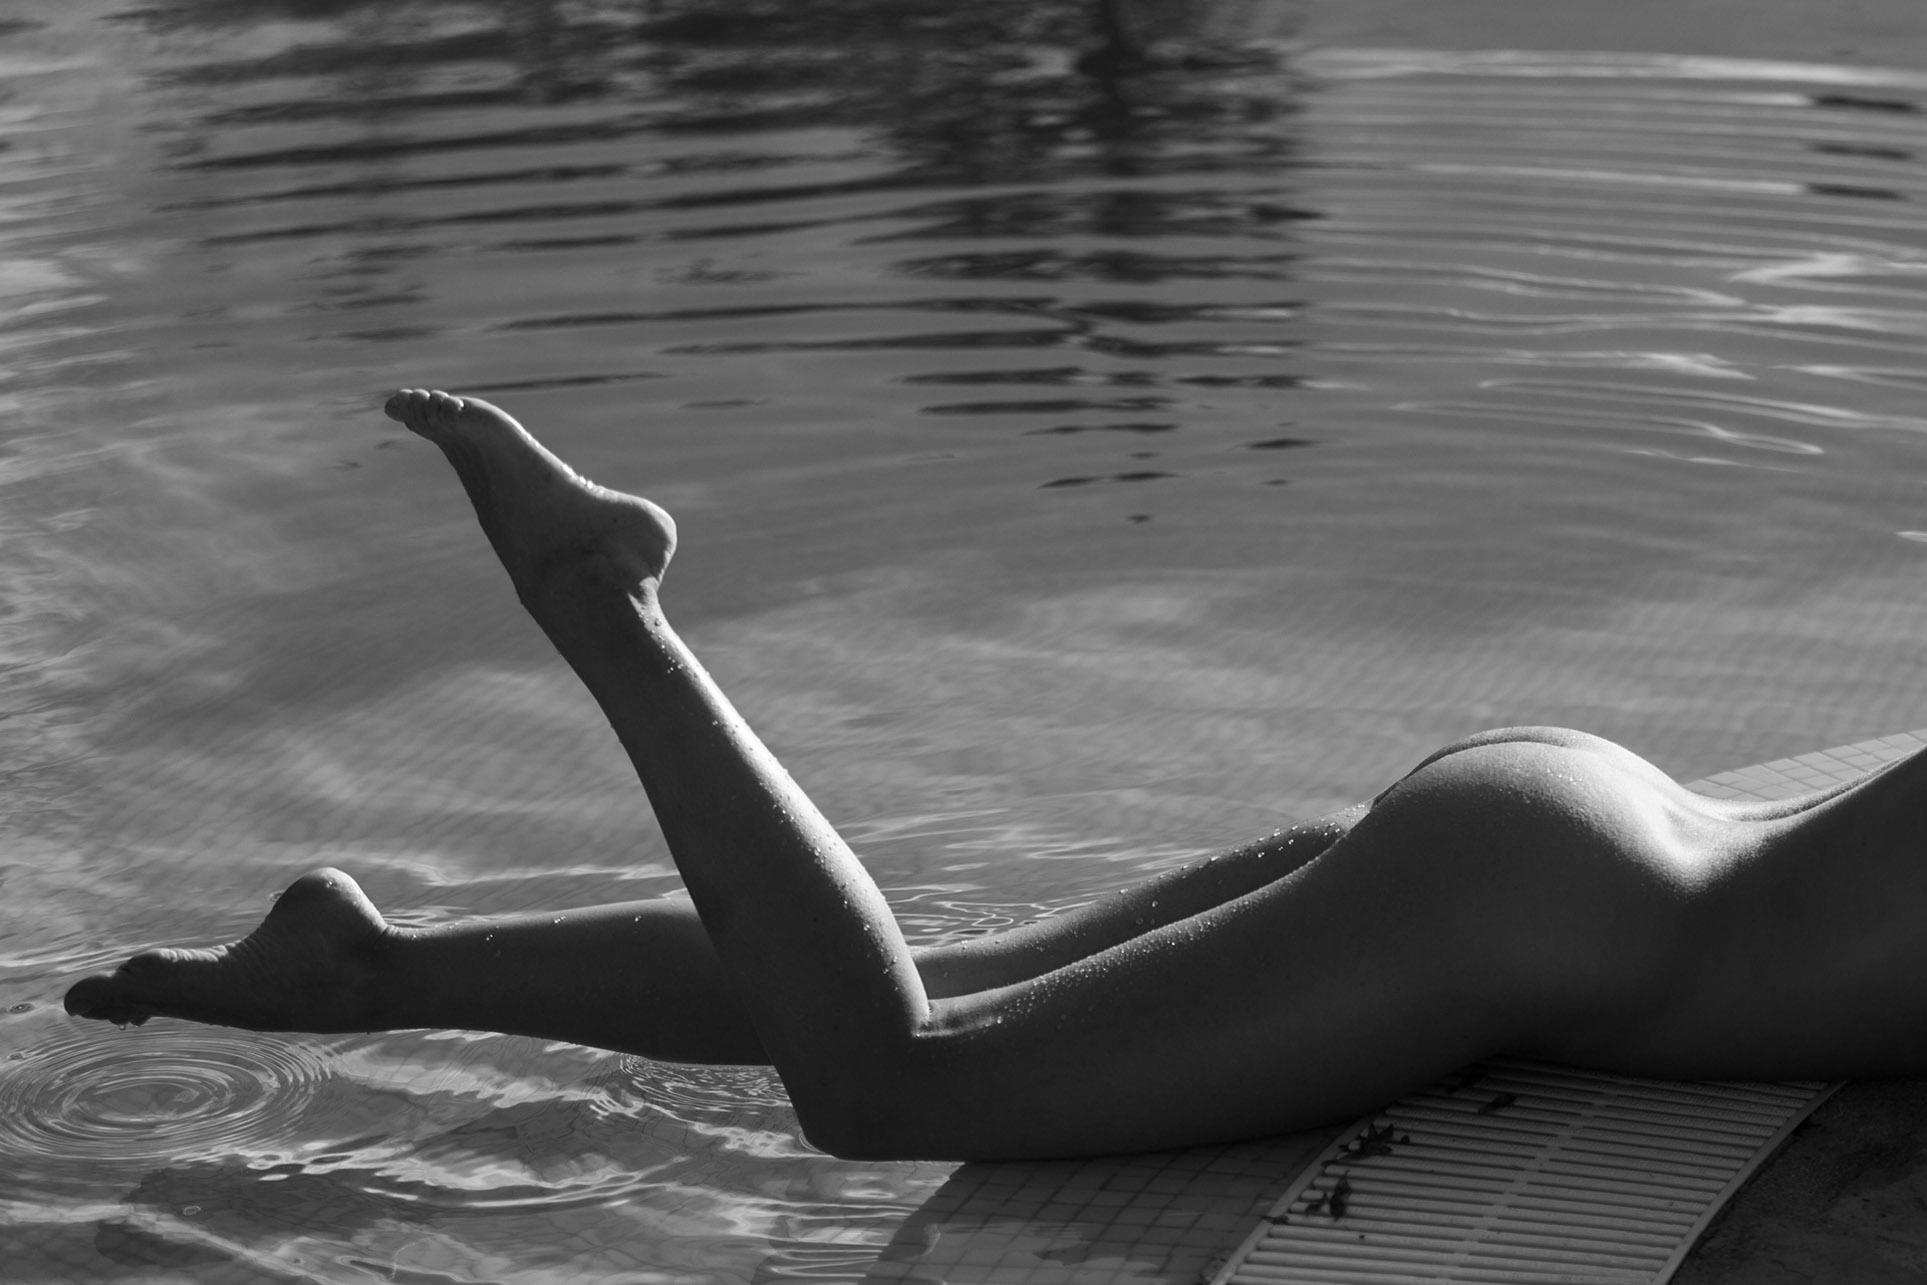 сексуальная обнаженная девушка отдыхает у бассейна / фото 25